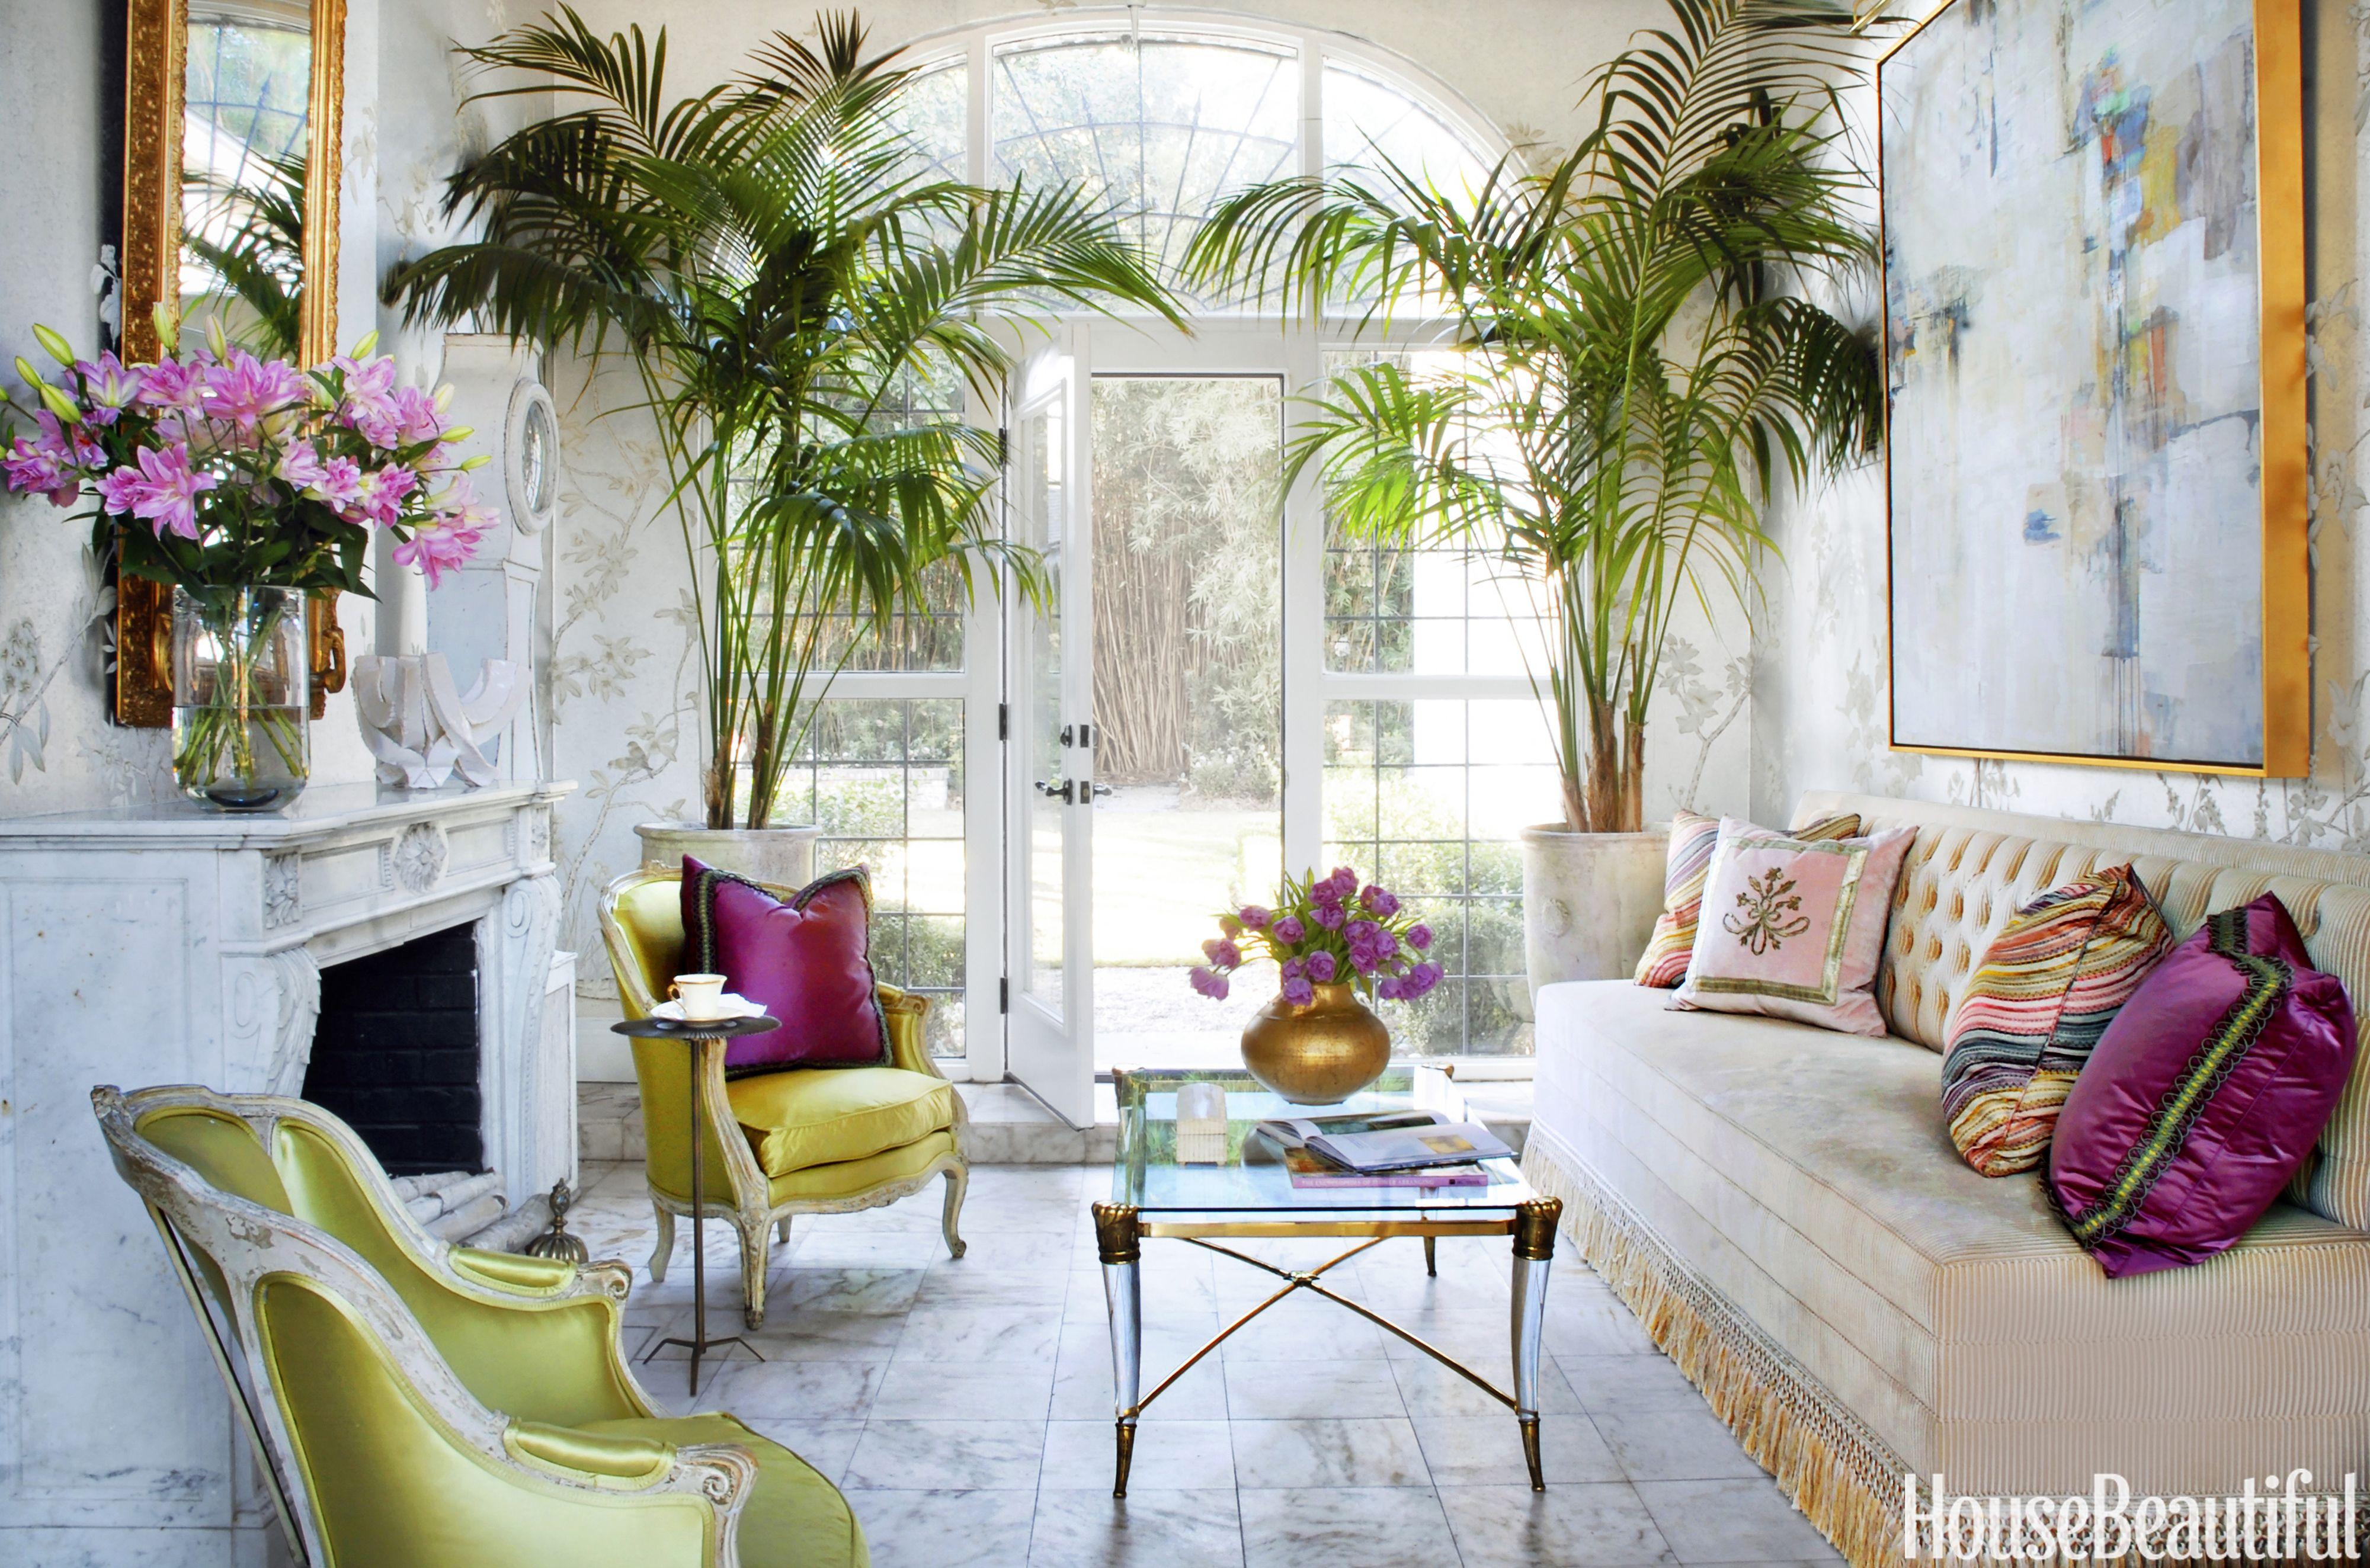 image & 12 Pretty Sunroom Ideas - Chic Designs \u0026 Decor for Screened In Porches